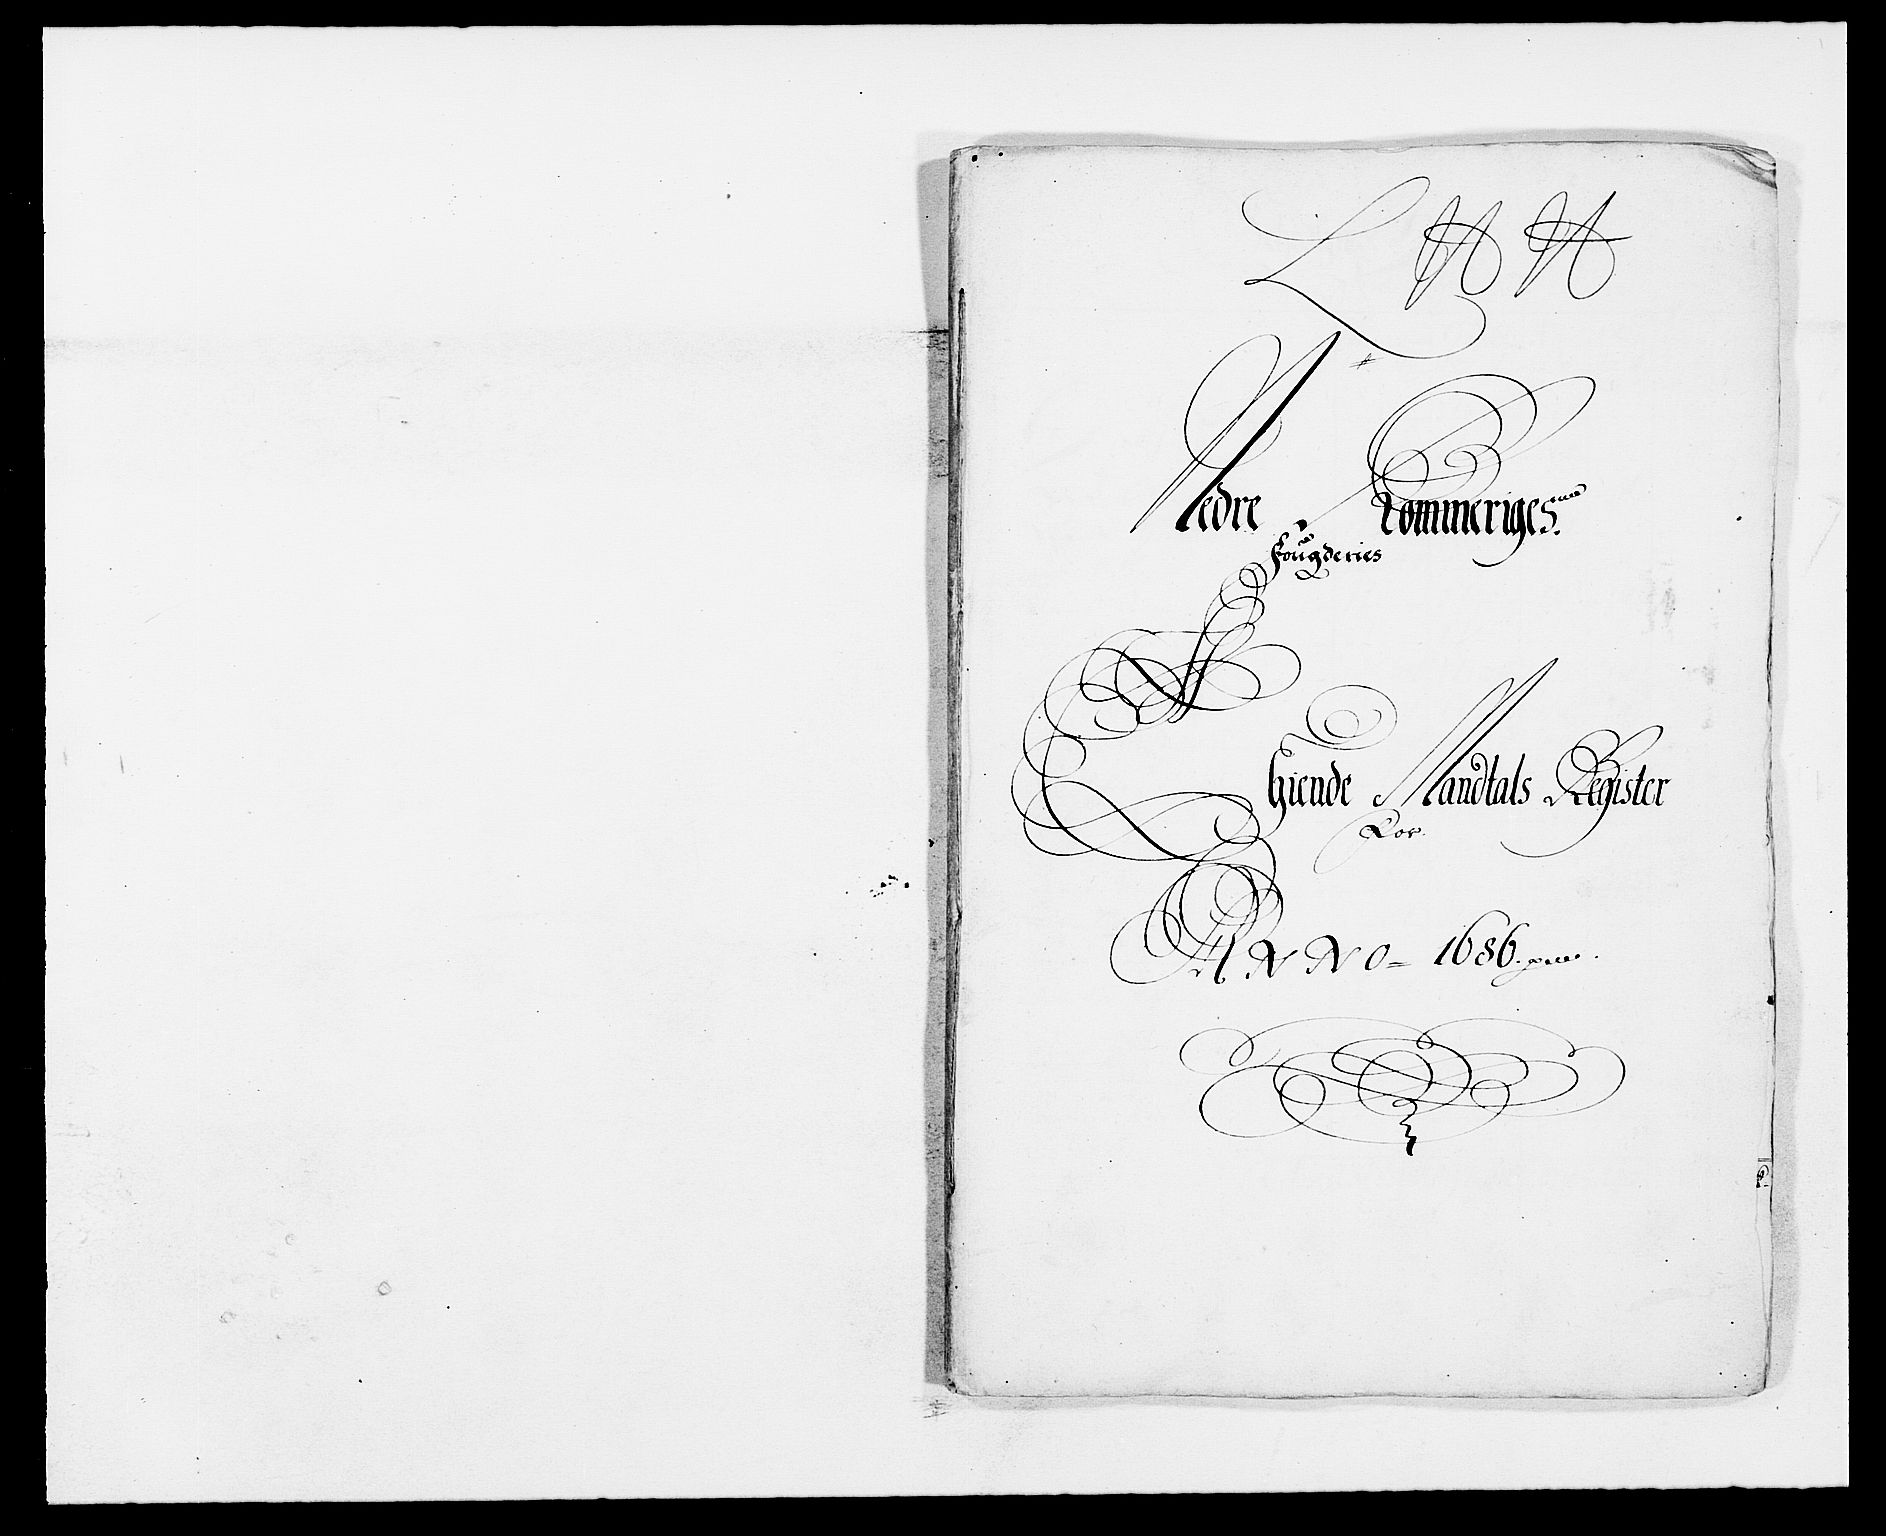 RA, Rentekammeret inntil 1814, Reviderte regnskaper, Fogderegnskap, R11/L0572: Fogderegnskap Nedre Romerike, 1686-1687, s. 30